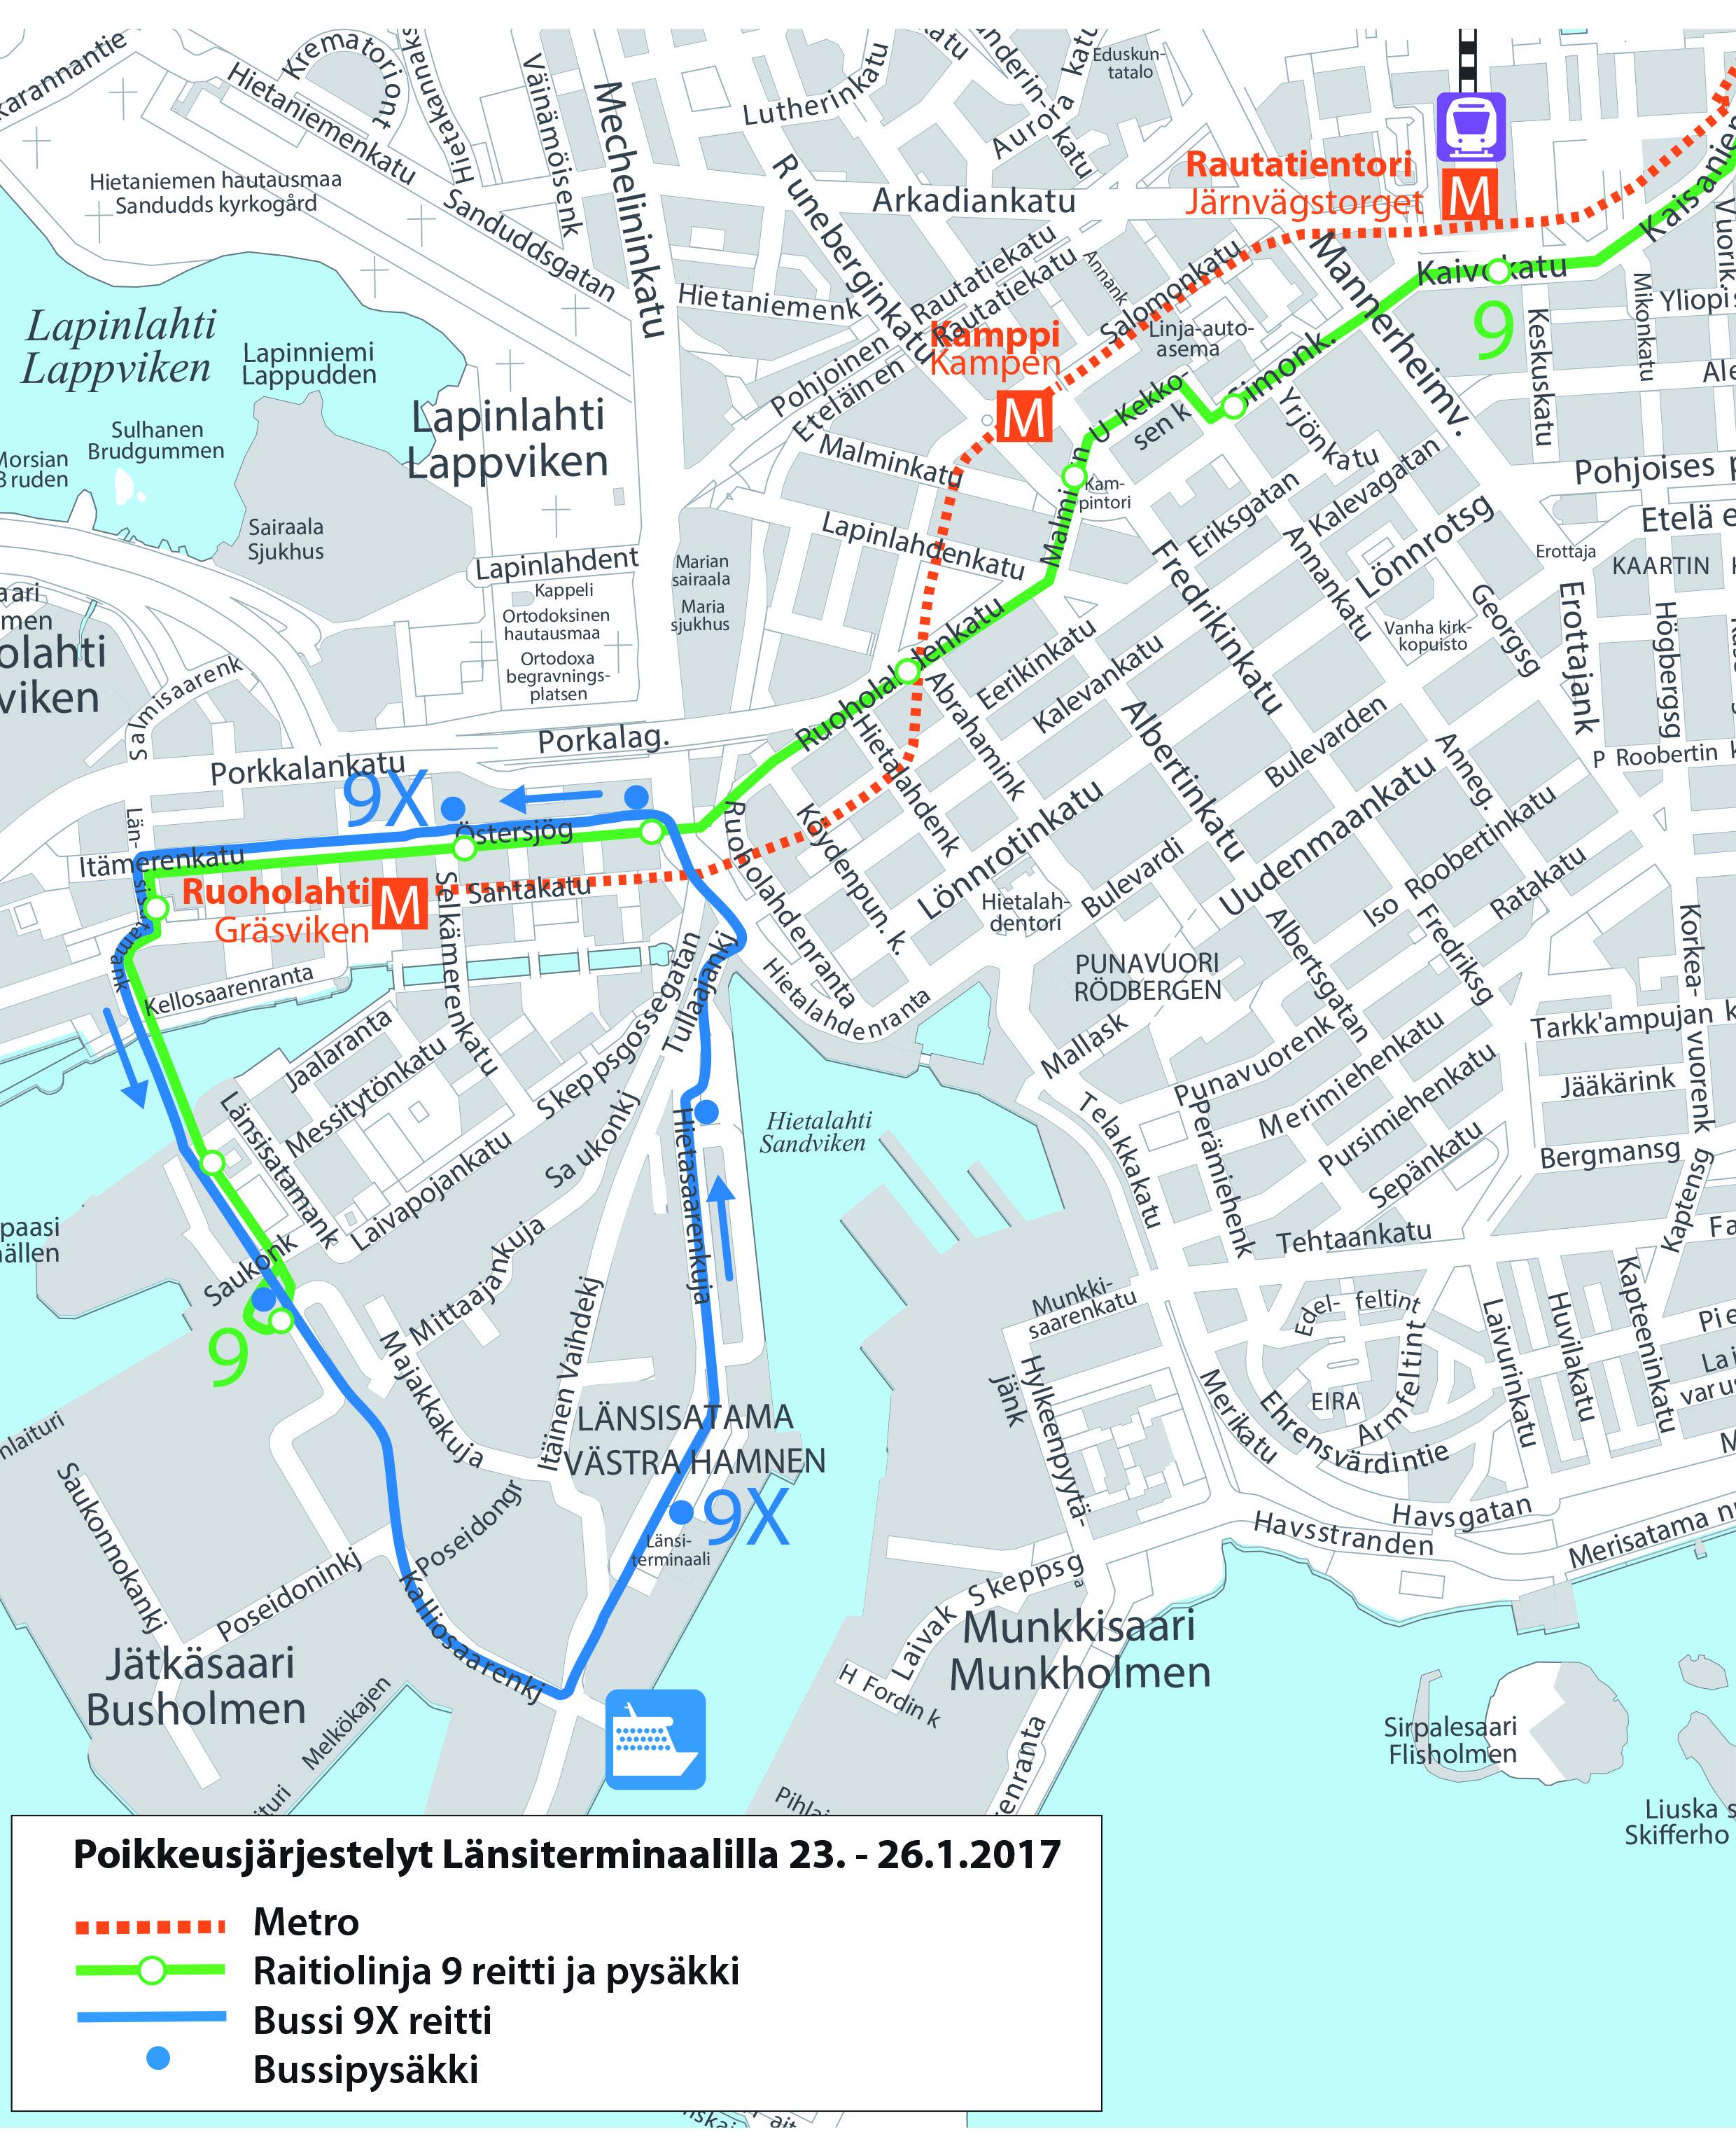 Raitiolinjan 9 ja korvaavan bussilinjan 9X reitti Länsisatamassa 23.-26.1.2017